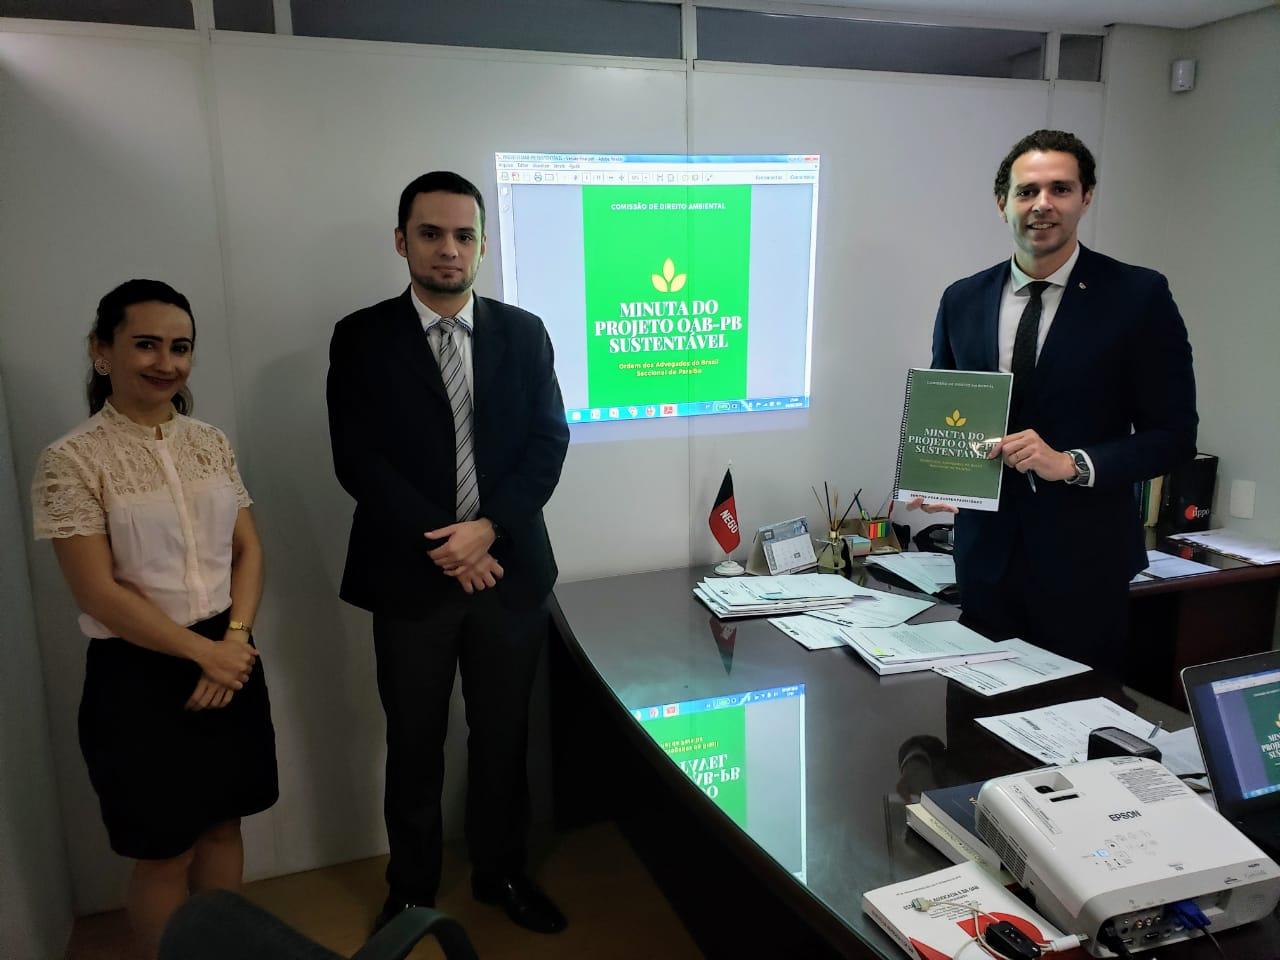 OAB-PB cria programa de educação para sustentabilidade e qualidade de vida